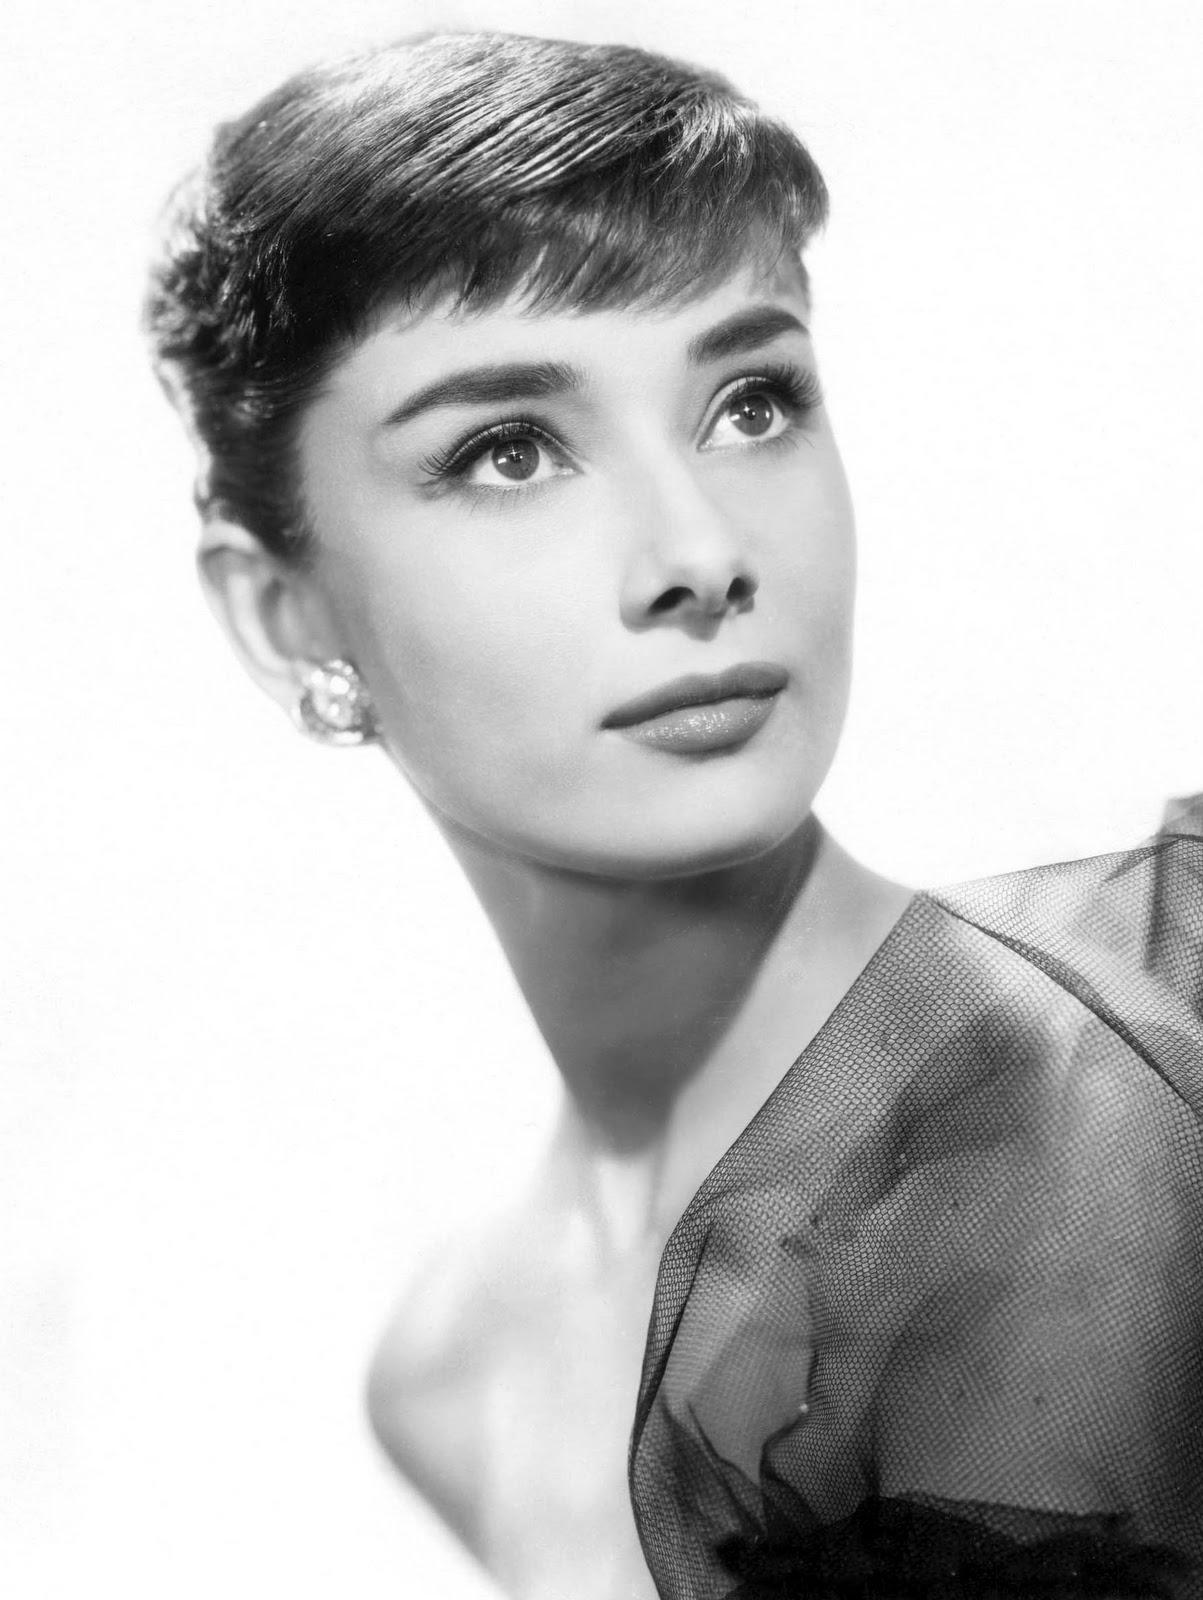 Pixie Cut Audrey Hepburn Overt about a pixie cut.